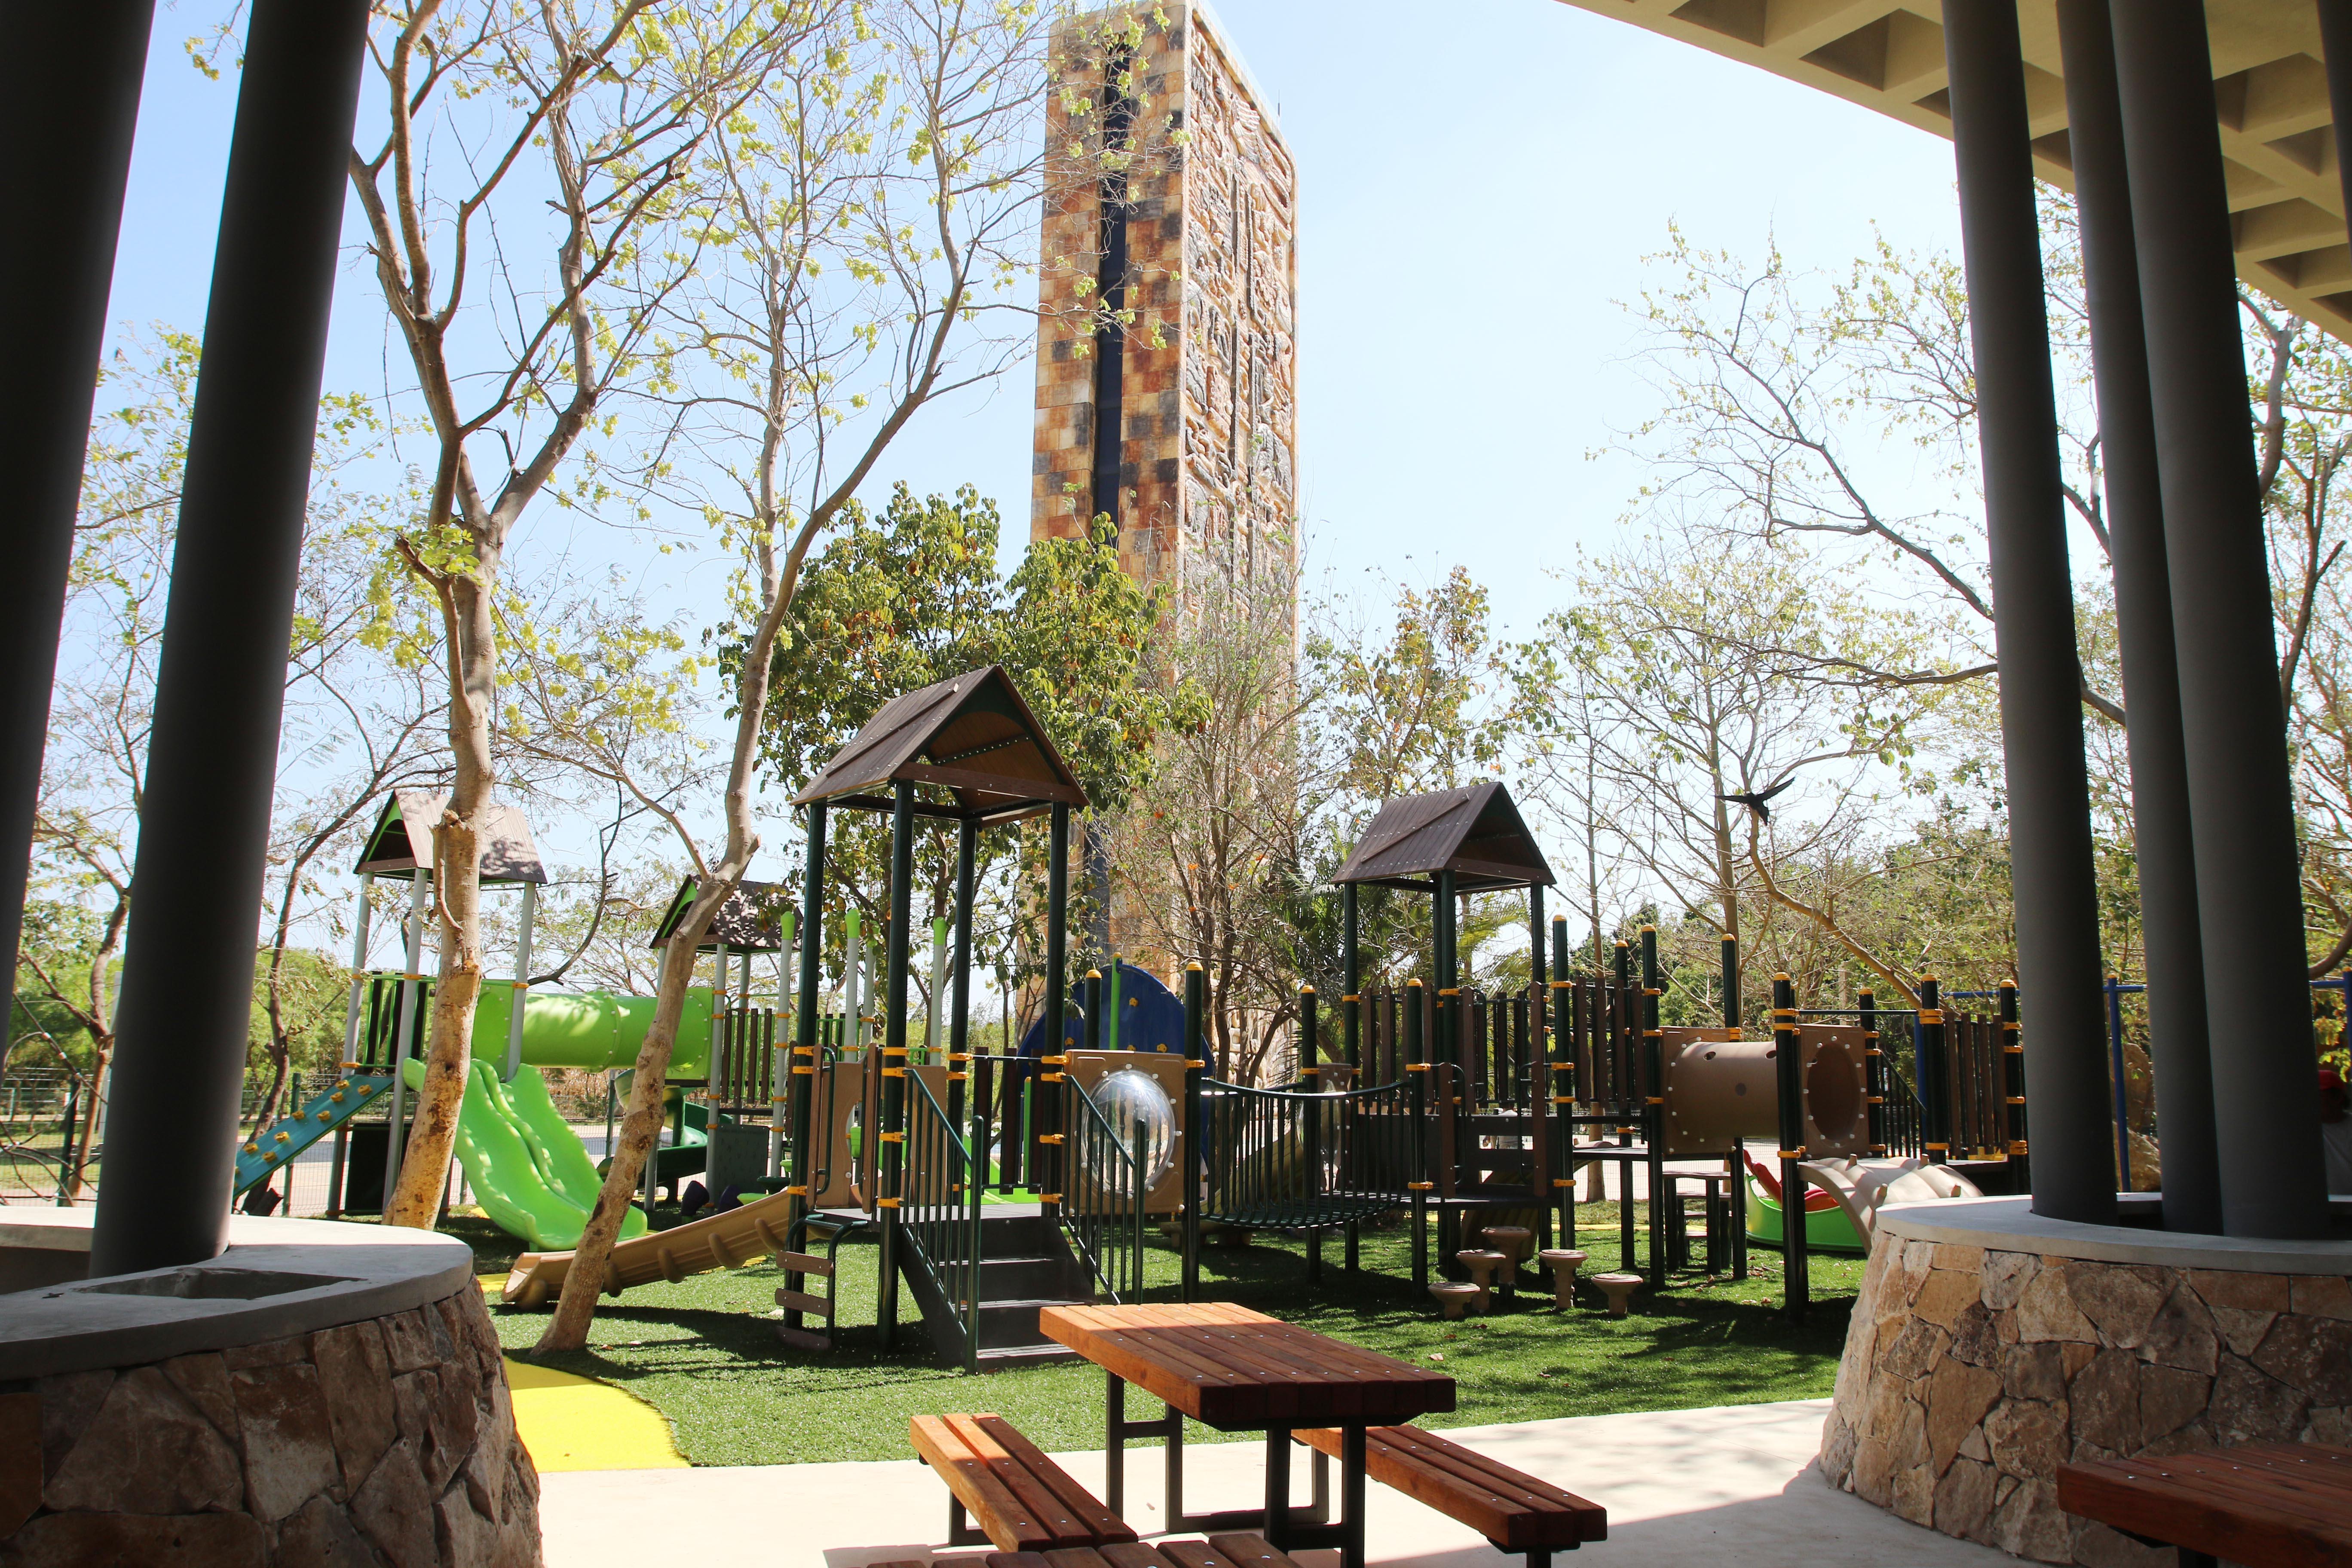 Parque zoológico Animaya, cuenta nuevos espacios modernos y funcionales